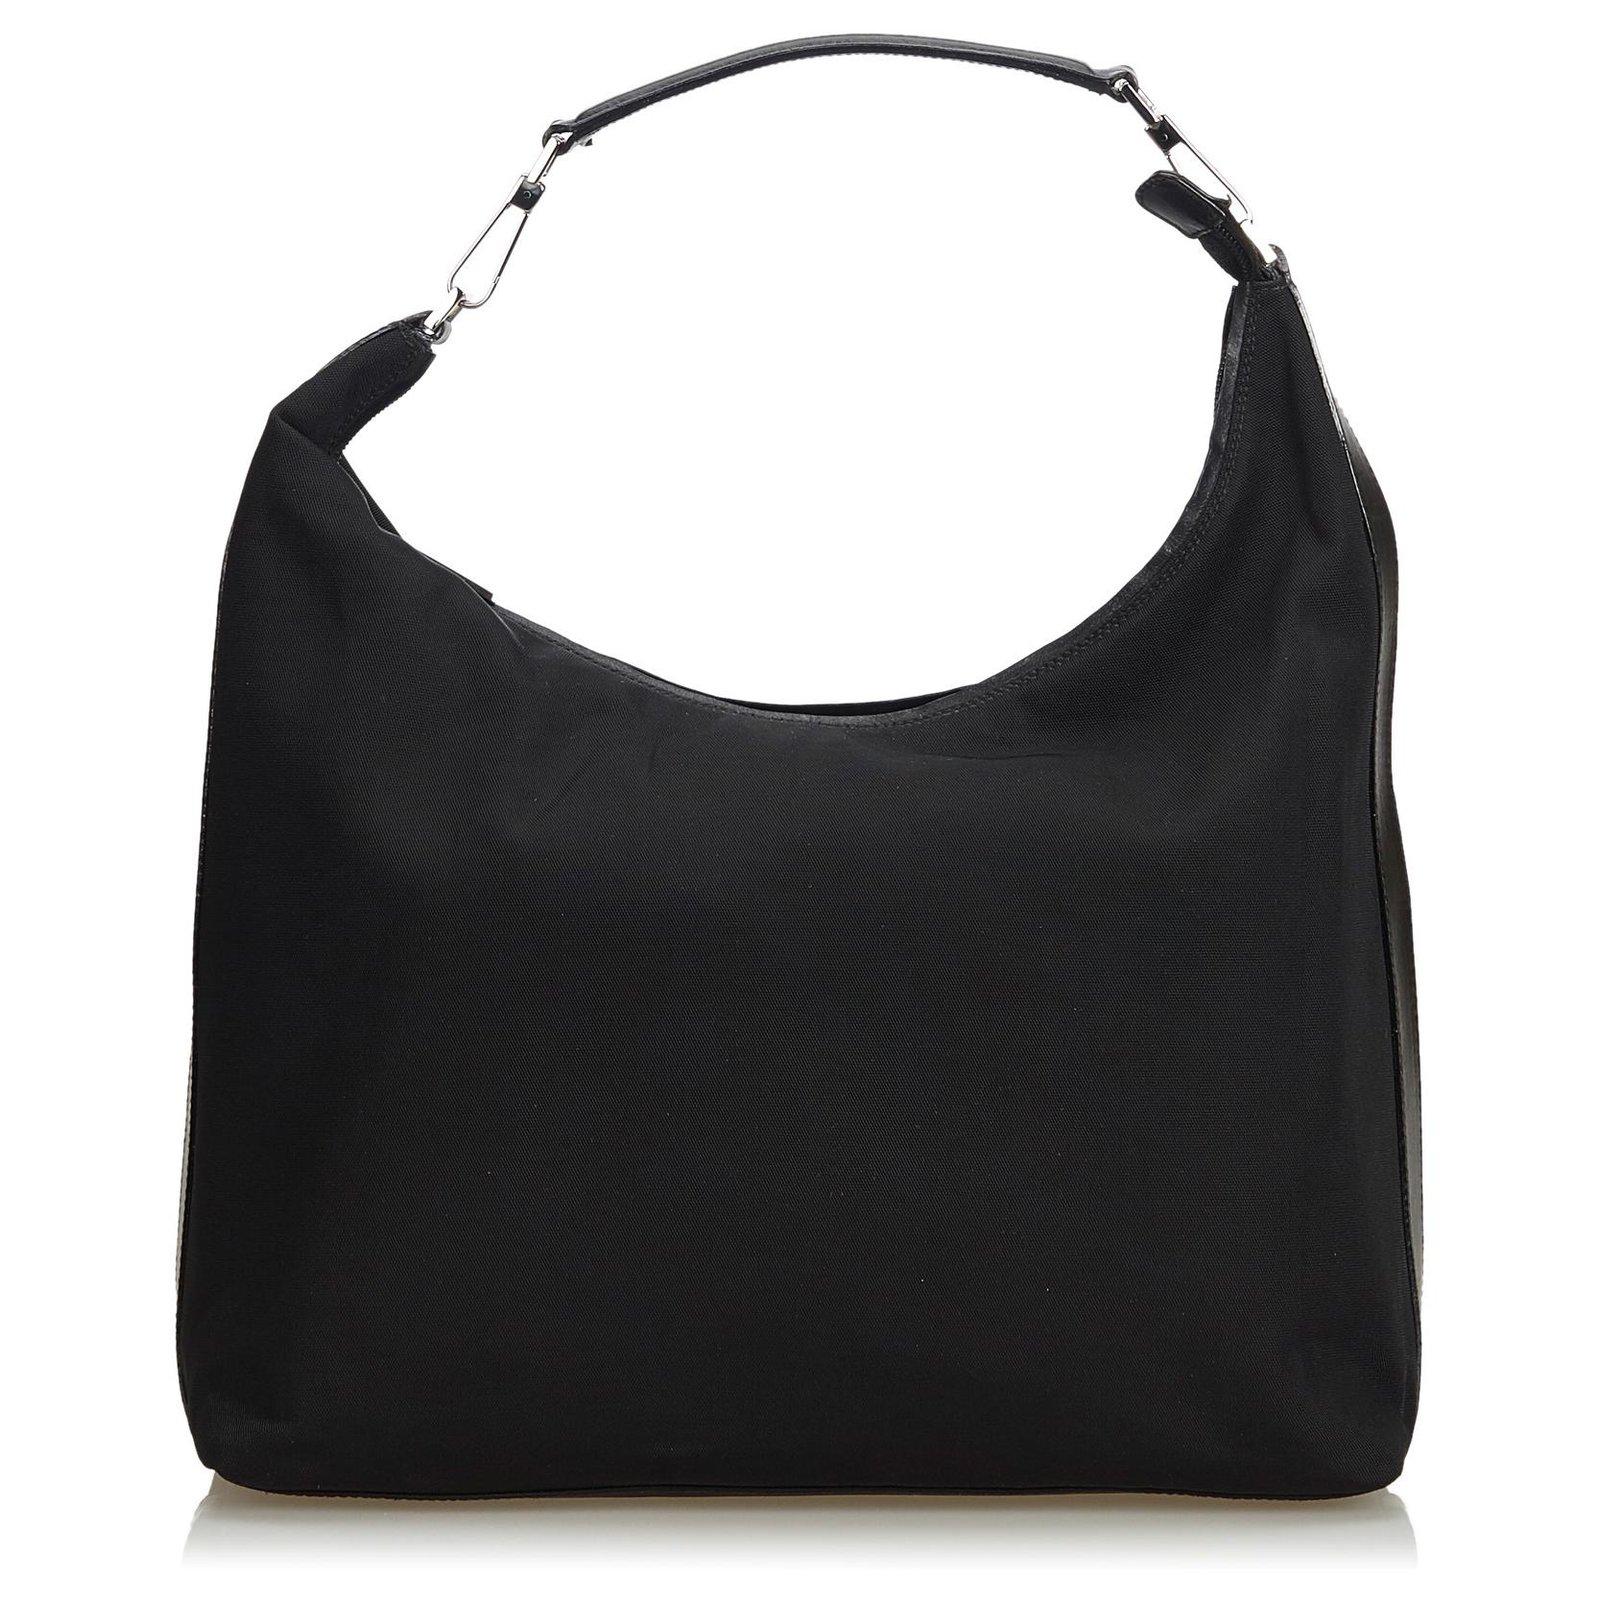 Gucci Black Nylon Hobo Bag Handbags Leather Other